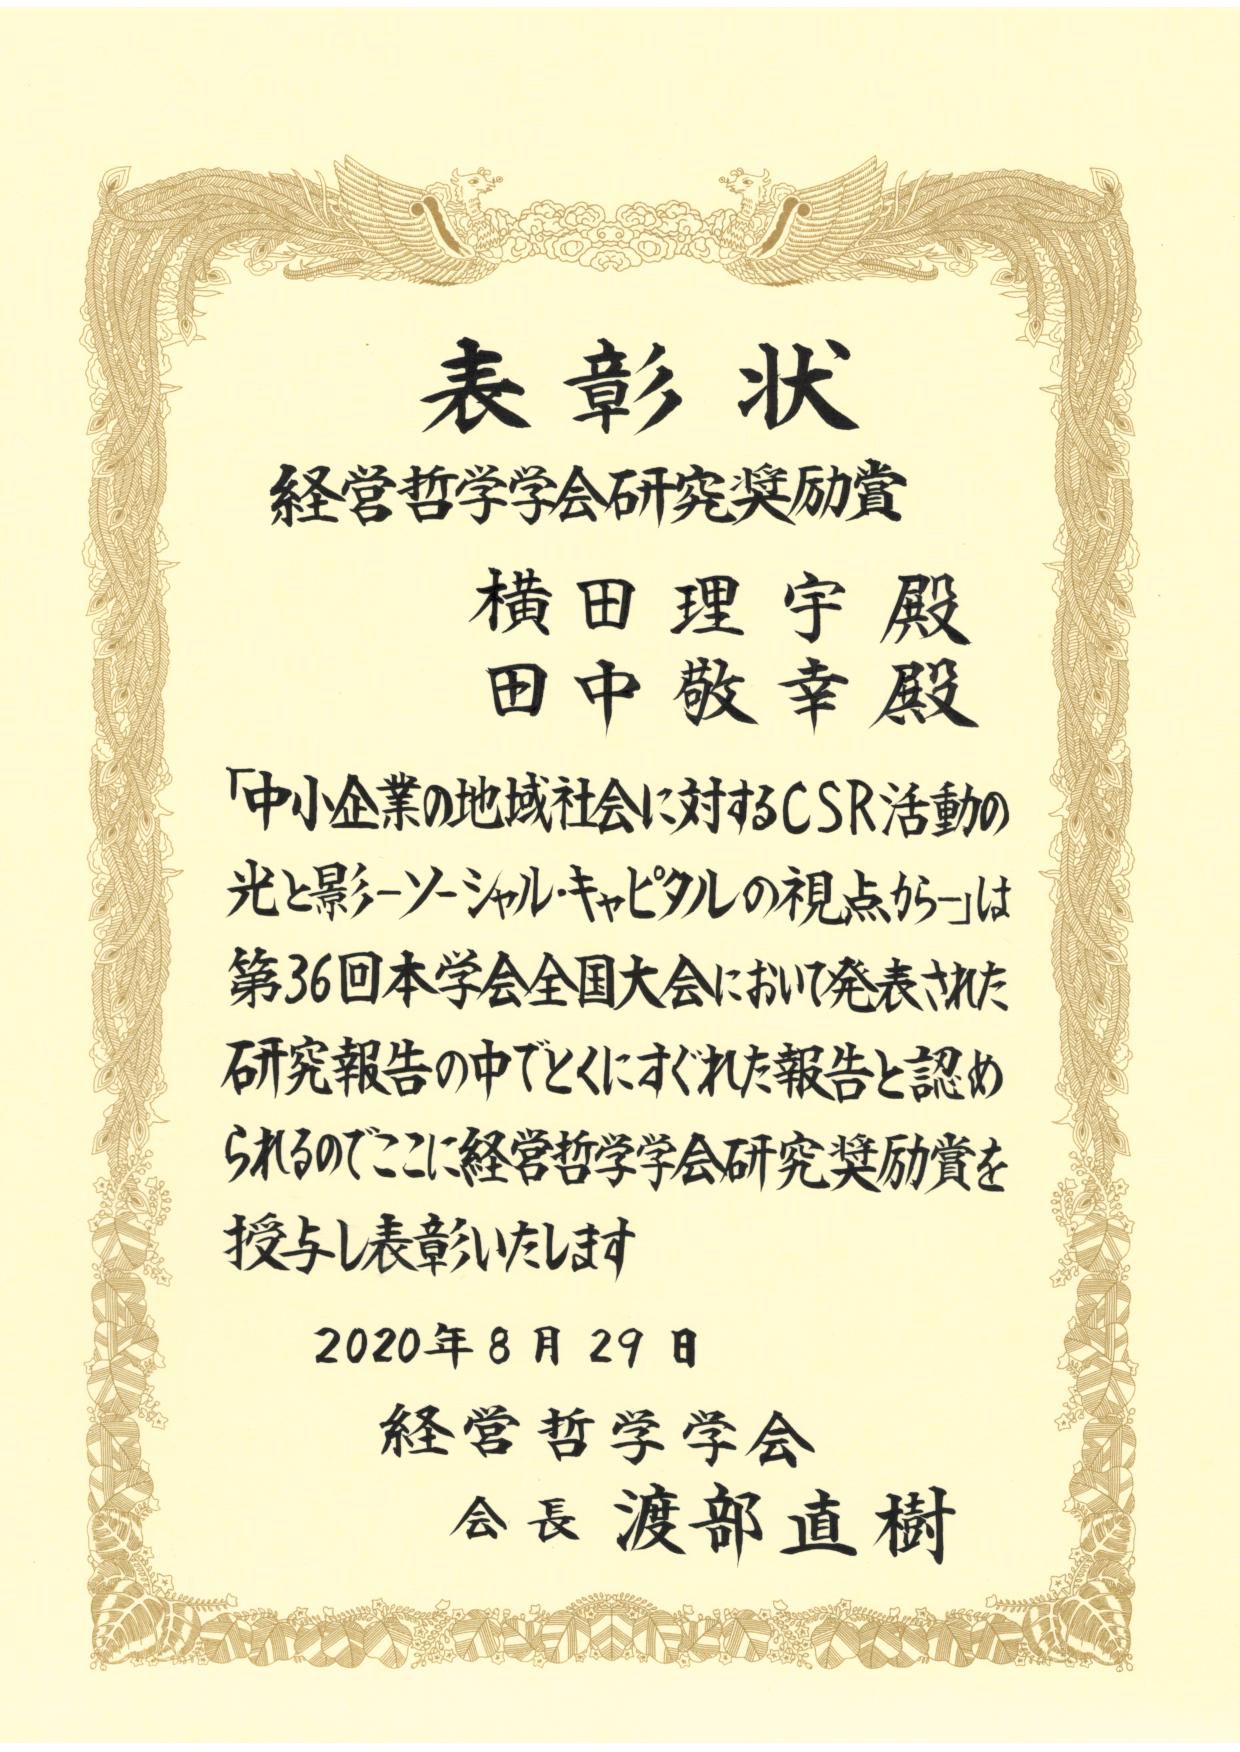 経営哲学学会36研究奨励賞(横田).png